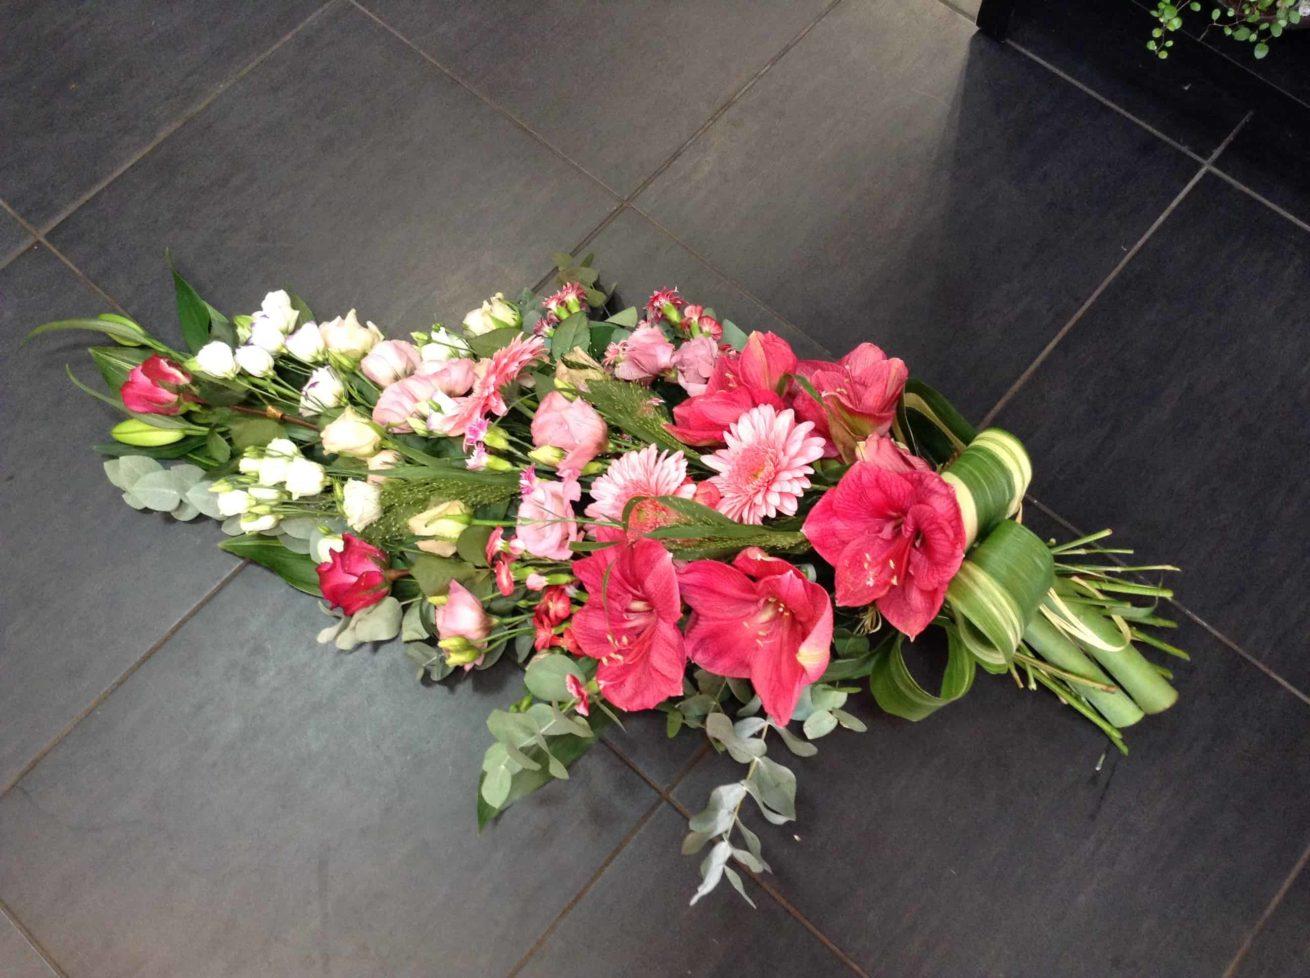 deuil-carre-roses-bordeaux-7